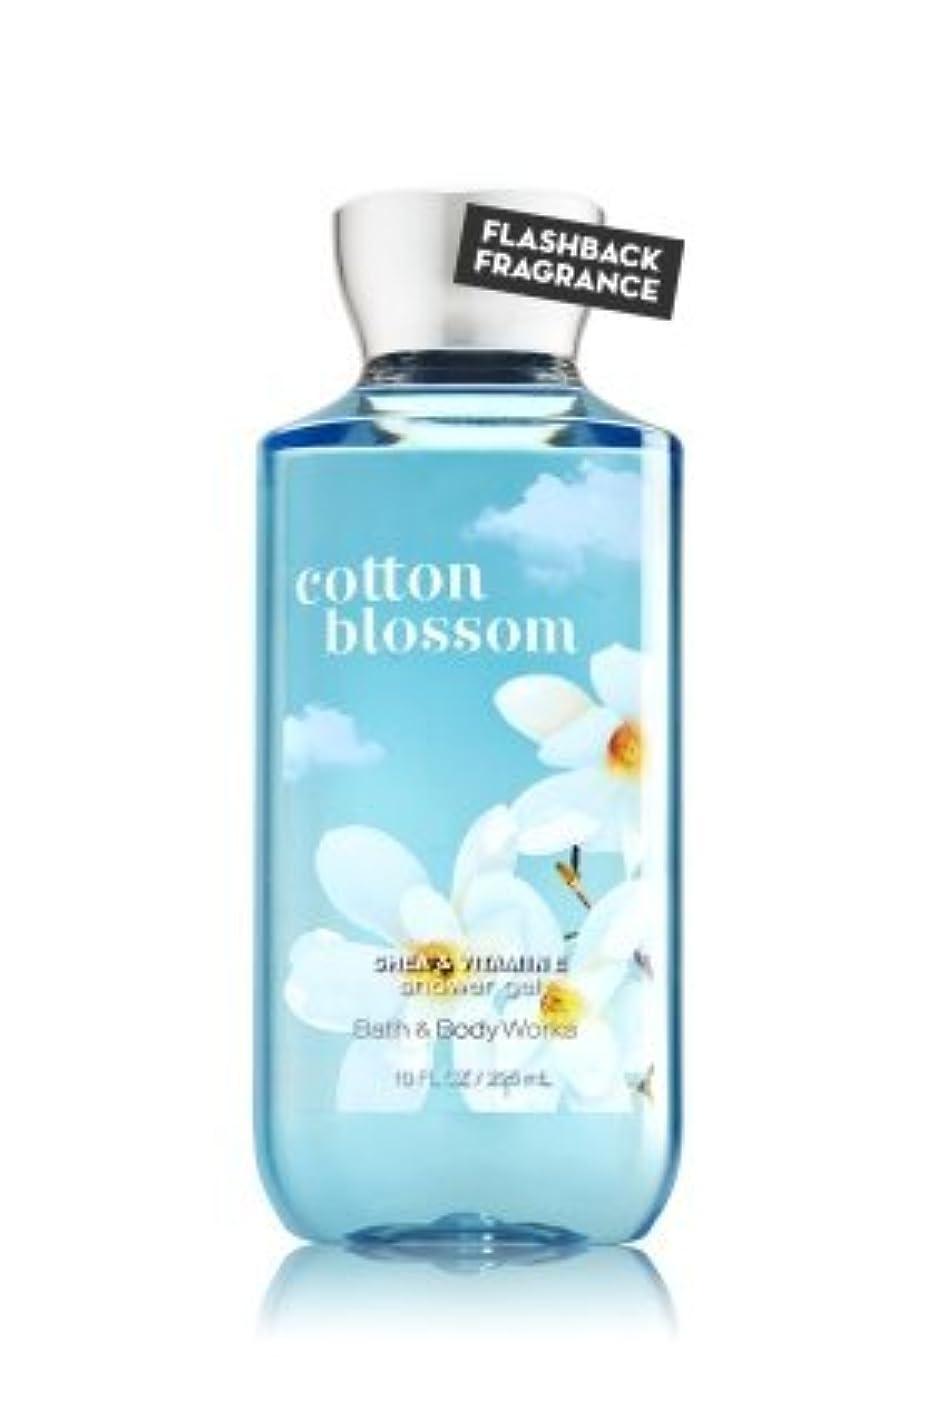 修正する価格土器【Bath&Body Works/バス&ボディワークス】 シャワージェル コットンブロッサム Shower Gel Cotton Blossom 10 fl oz / 295 mL [並行輸入品]